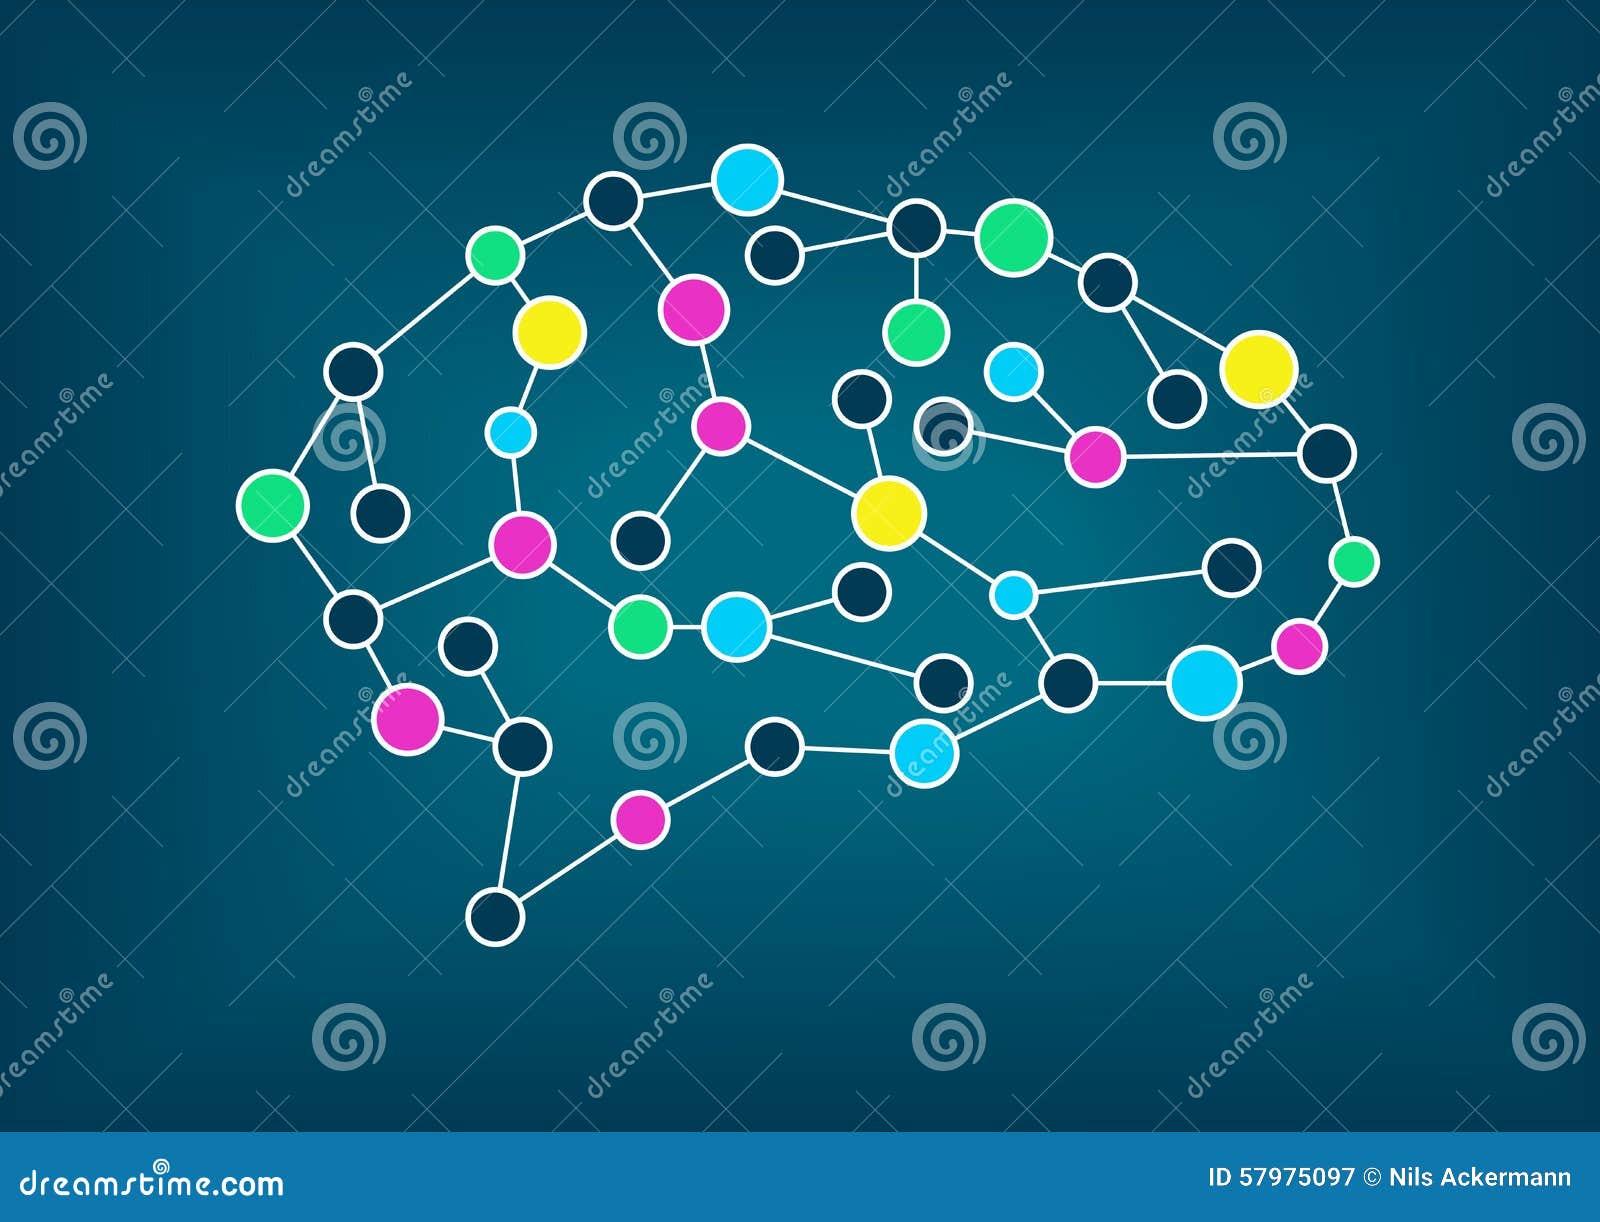 Ejemplo del vector del cerebro Concepto de conectividad, aprendizaje de máquina, inteligencia artificial